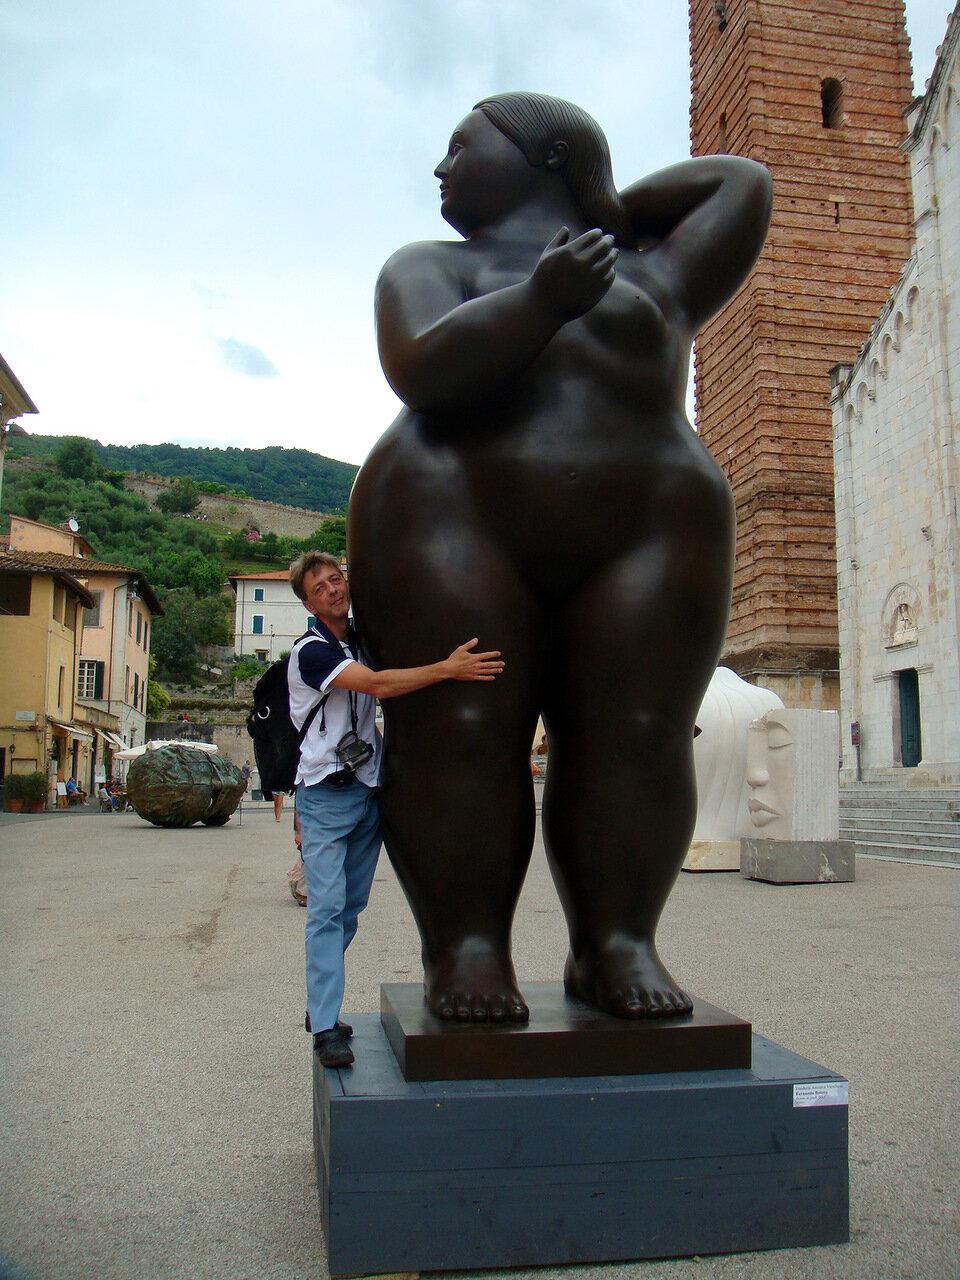 А это я рядом с еще одной скульптурой любителя толстяков)